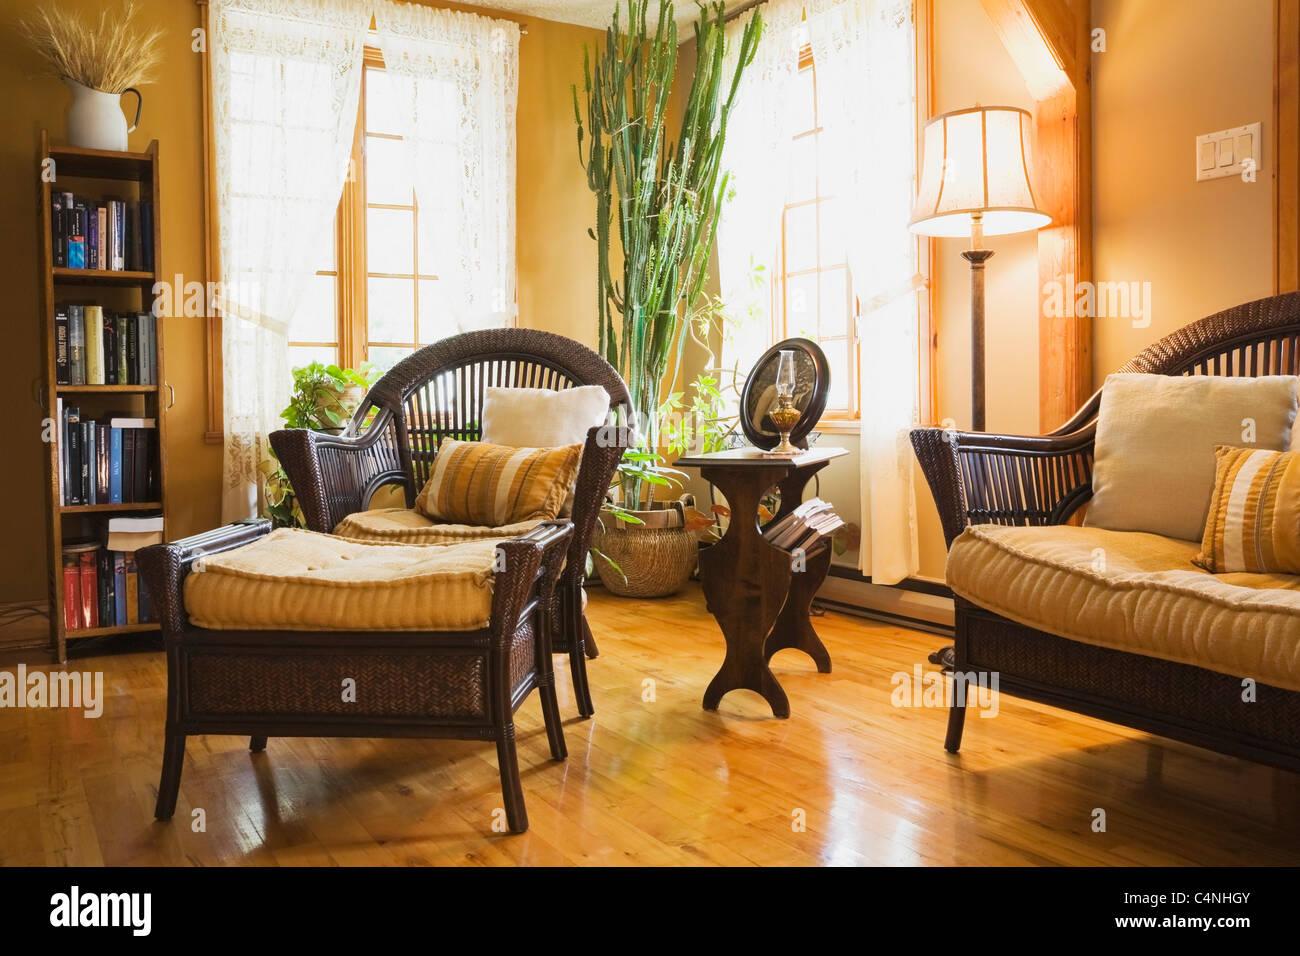 Meubles en rotin dans le salon du 19e si cle de style cottage home qu bec canada banque d - Meubles style cottage ...